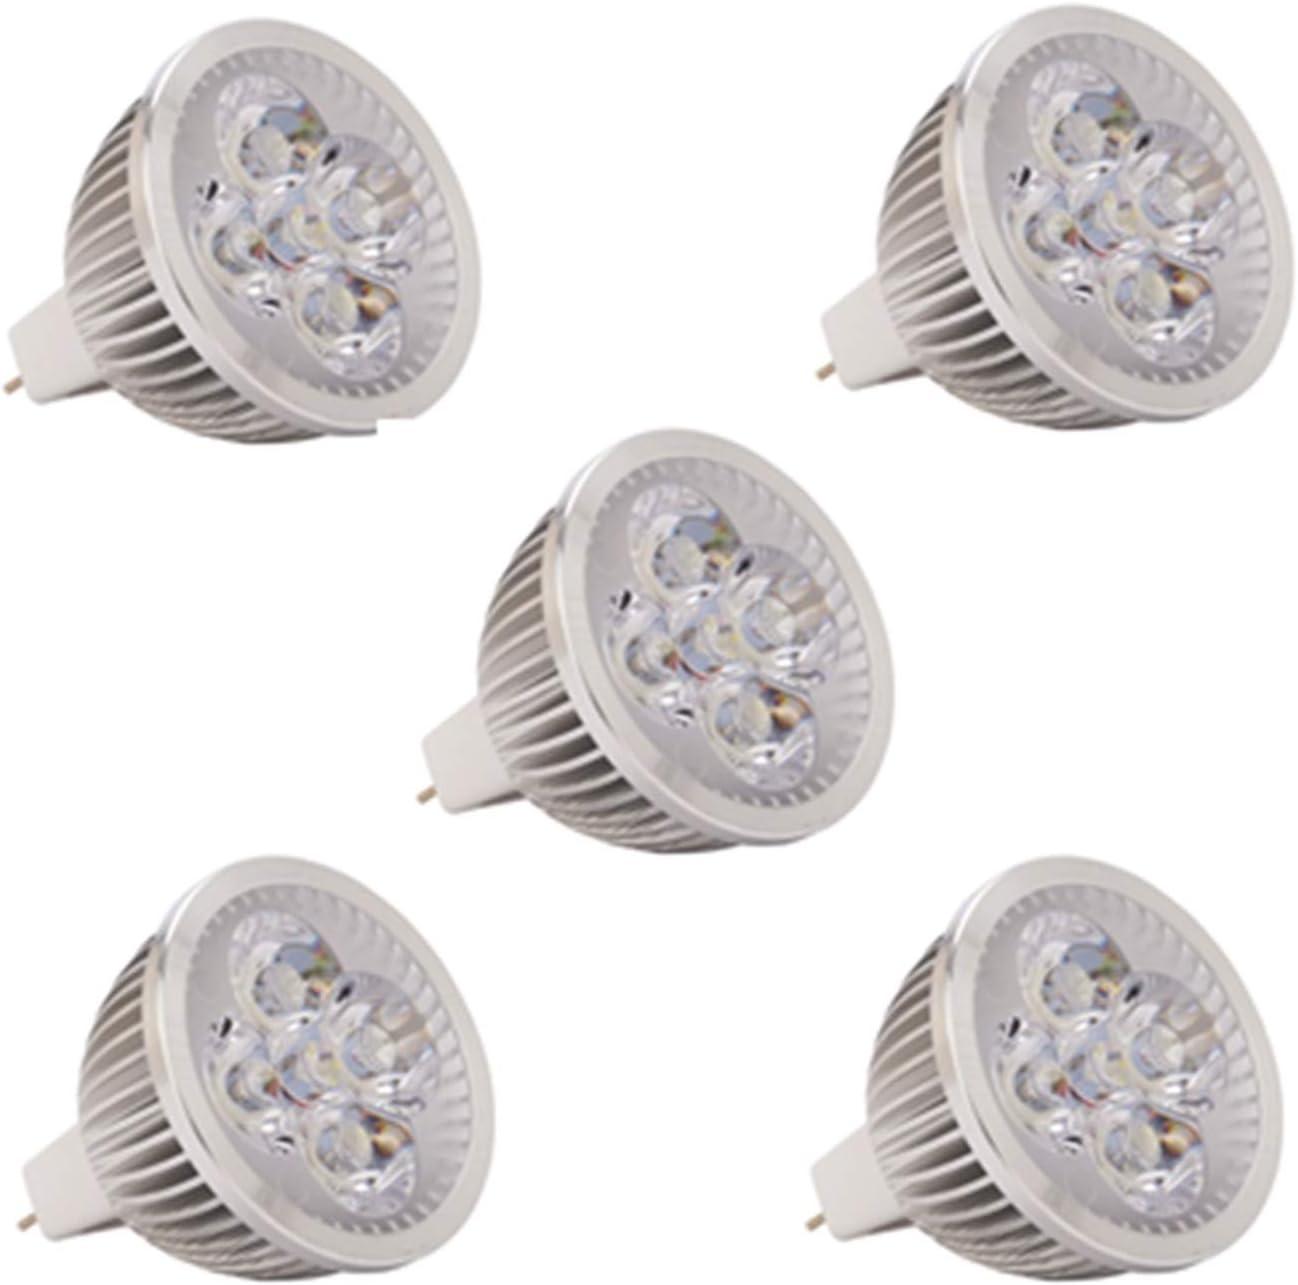 Bombillas Bombillas LED MR16, AC/DC 24V 36V 4W, 350-400lm, ángulo de haz de 60 °, equivalente de halógeno de 30W [Clase energética A +] 5 piezas Equivalente (Color : Warm white)